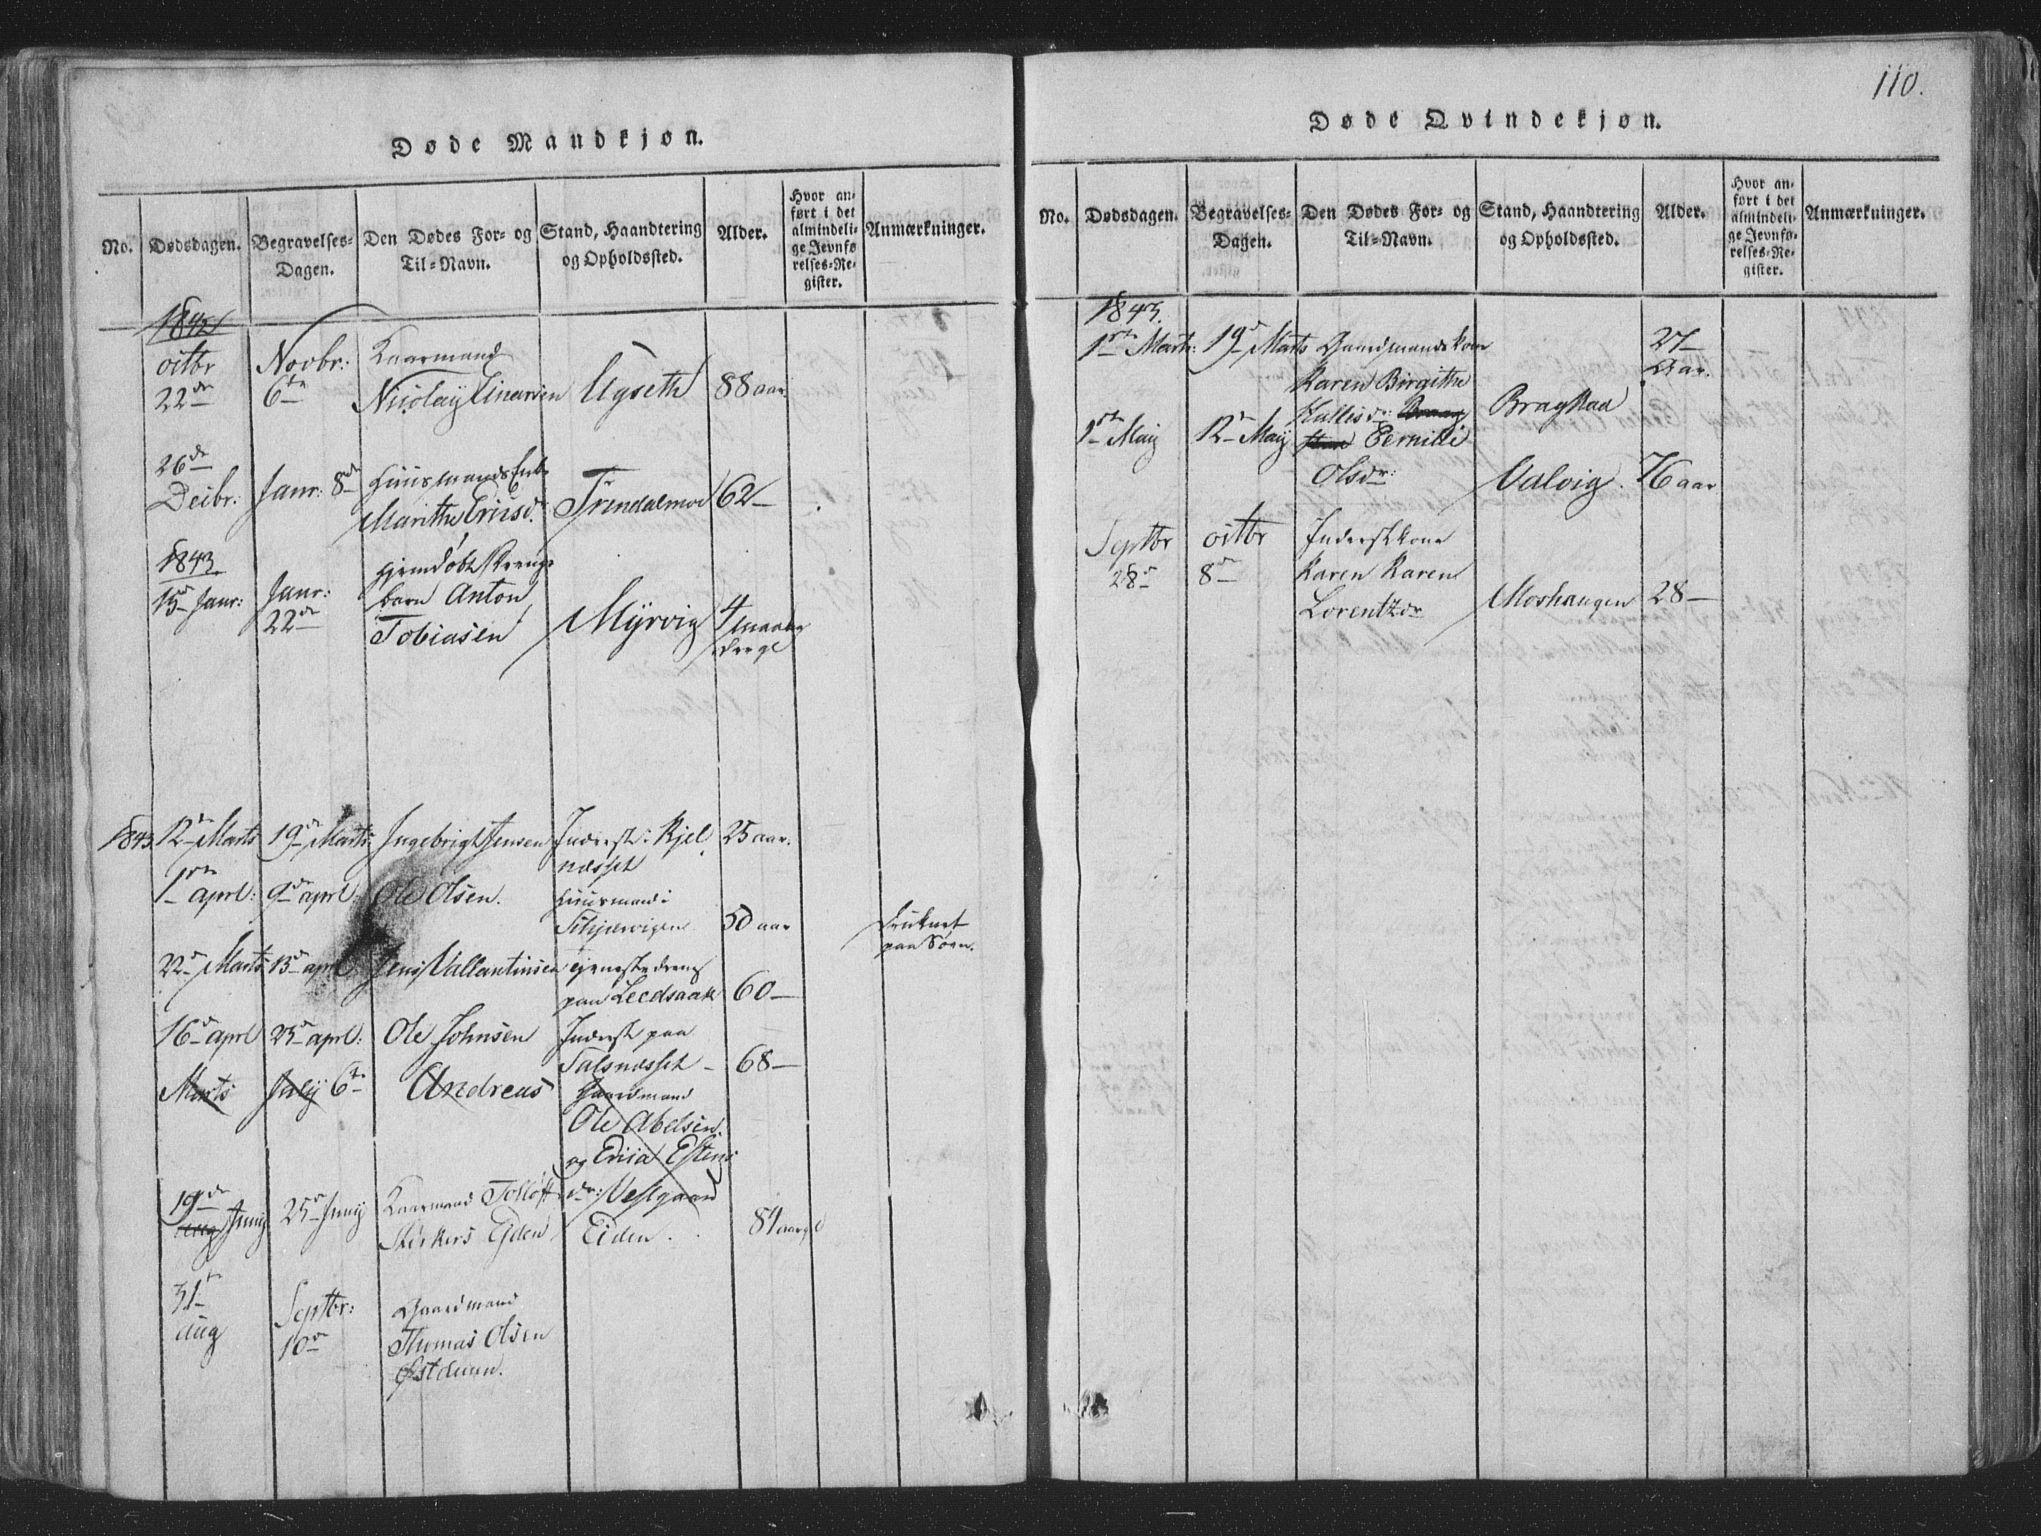 SAT, Ministerialprotokoller, klokkerbøker og fødselsregistre - Nord-Trøndelag, 773/L0613: Ministerialbok nr. 773A04, 1815-1845, s. 110